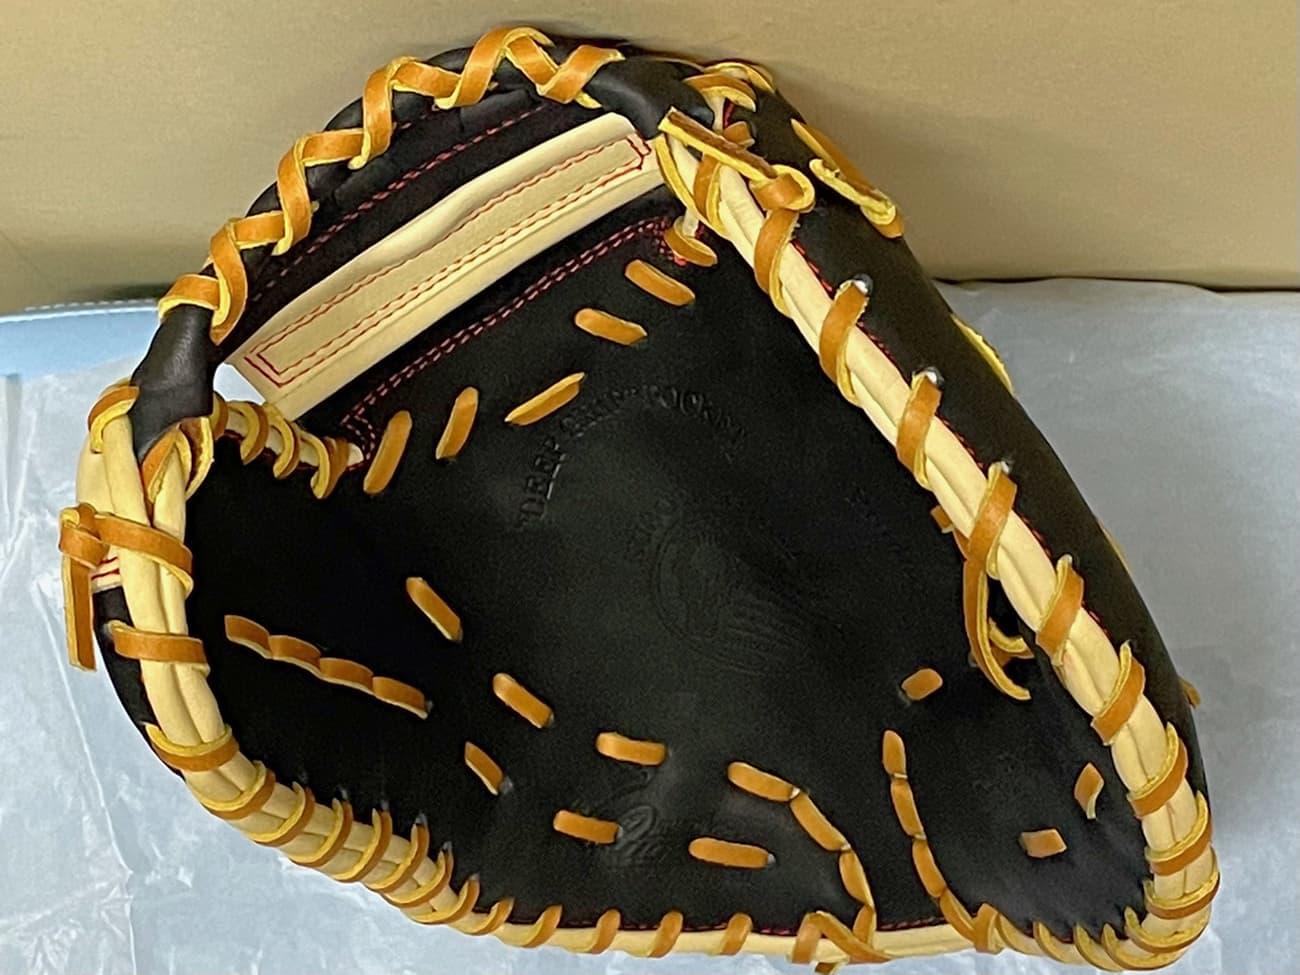 【久保田スラッガー】軟式野球用ファーストミット:KSF333(右投げ)捕球面2